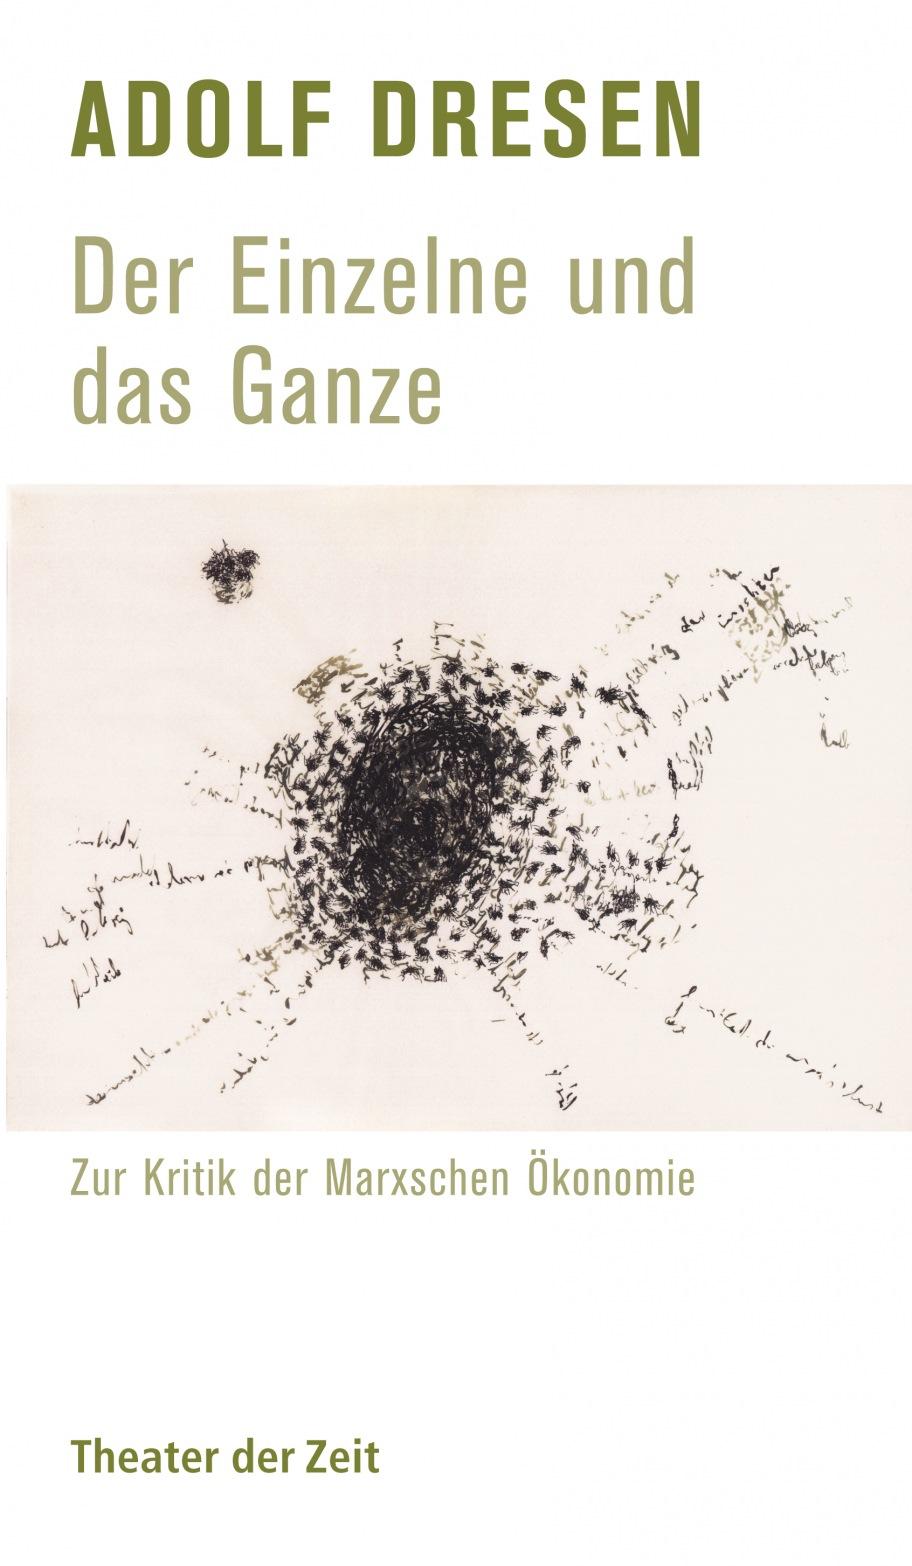 Adolf Dresen: Der Einzelne und das Ganze